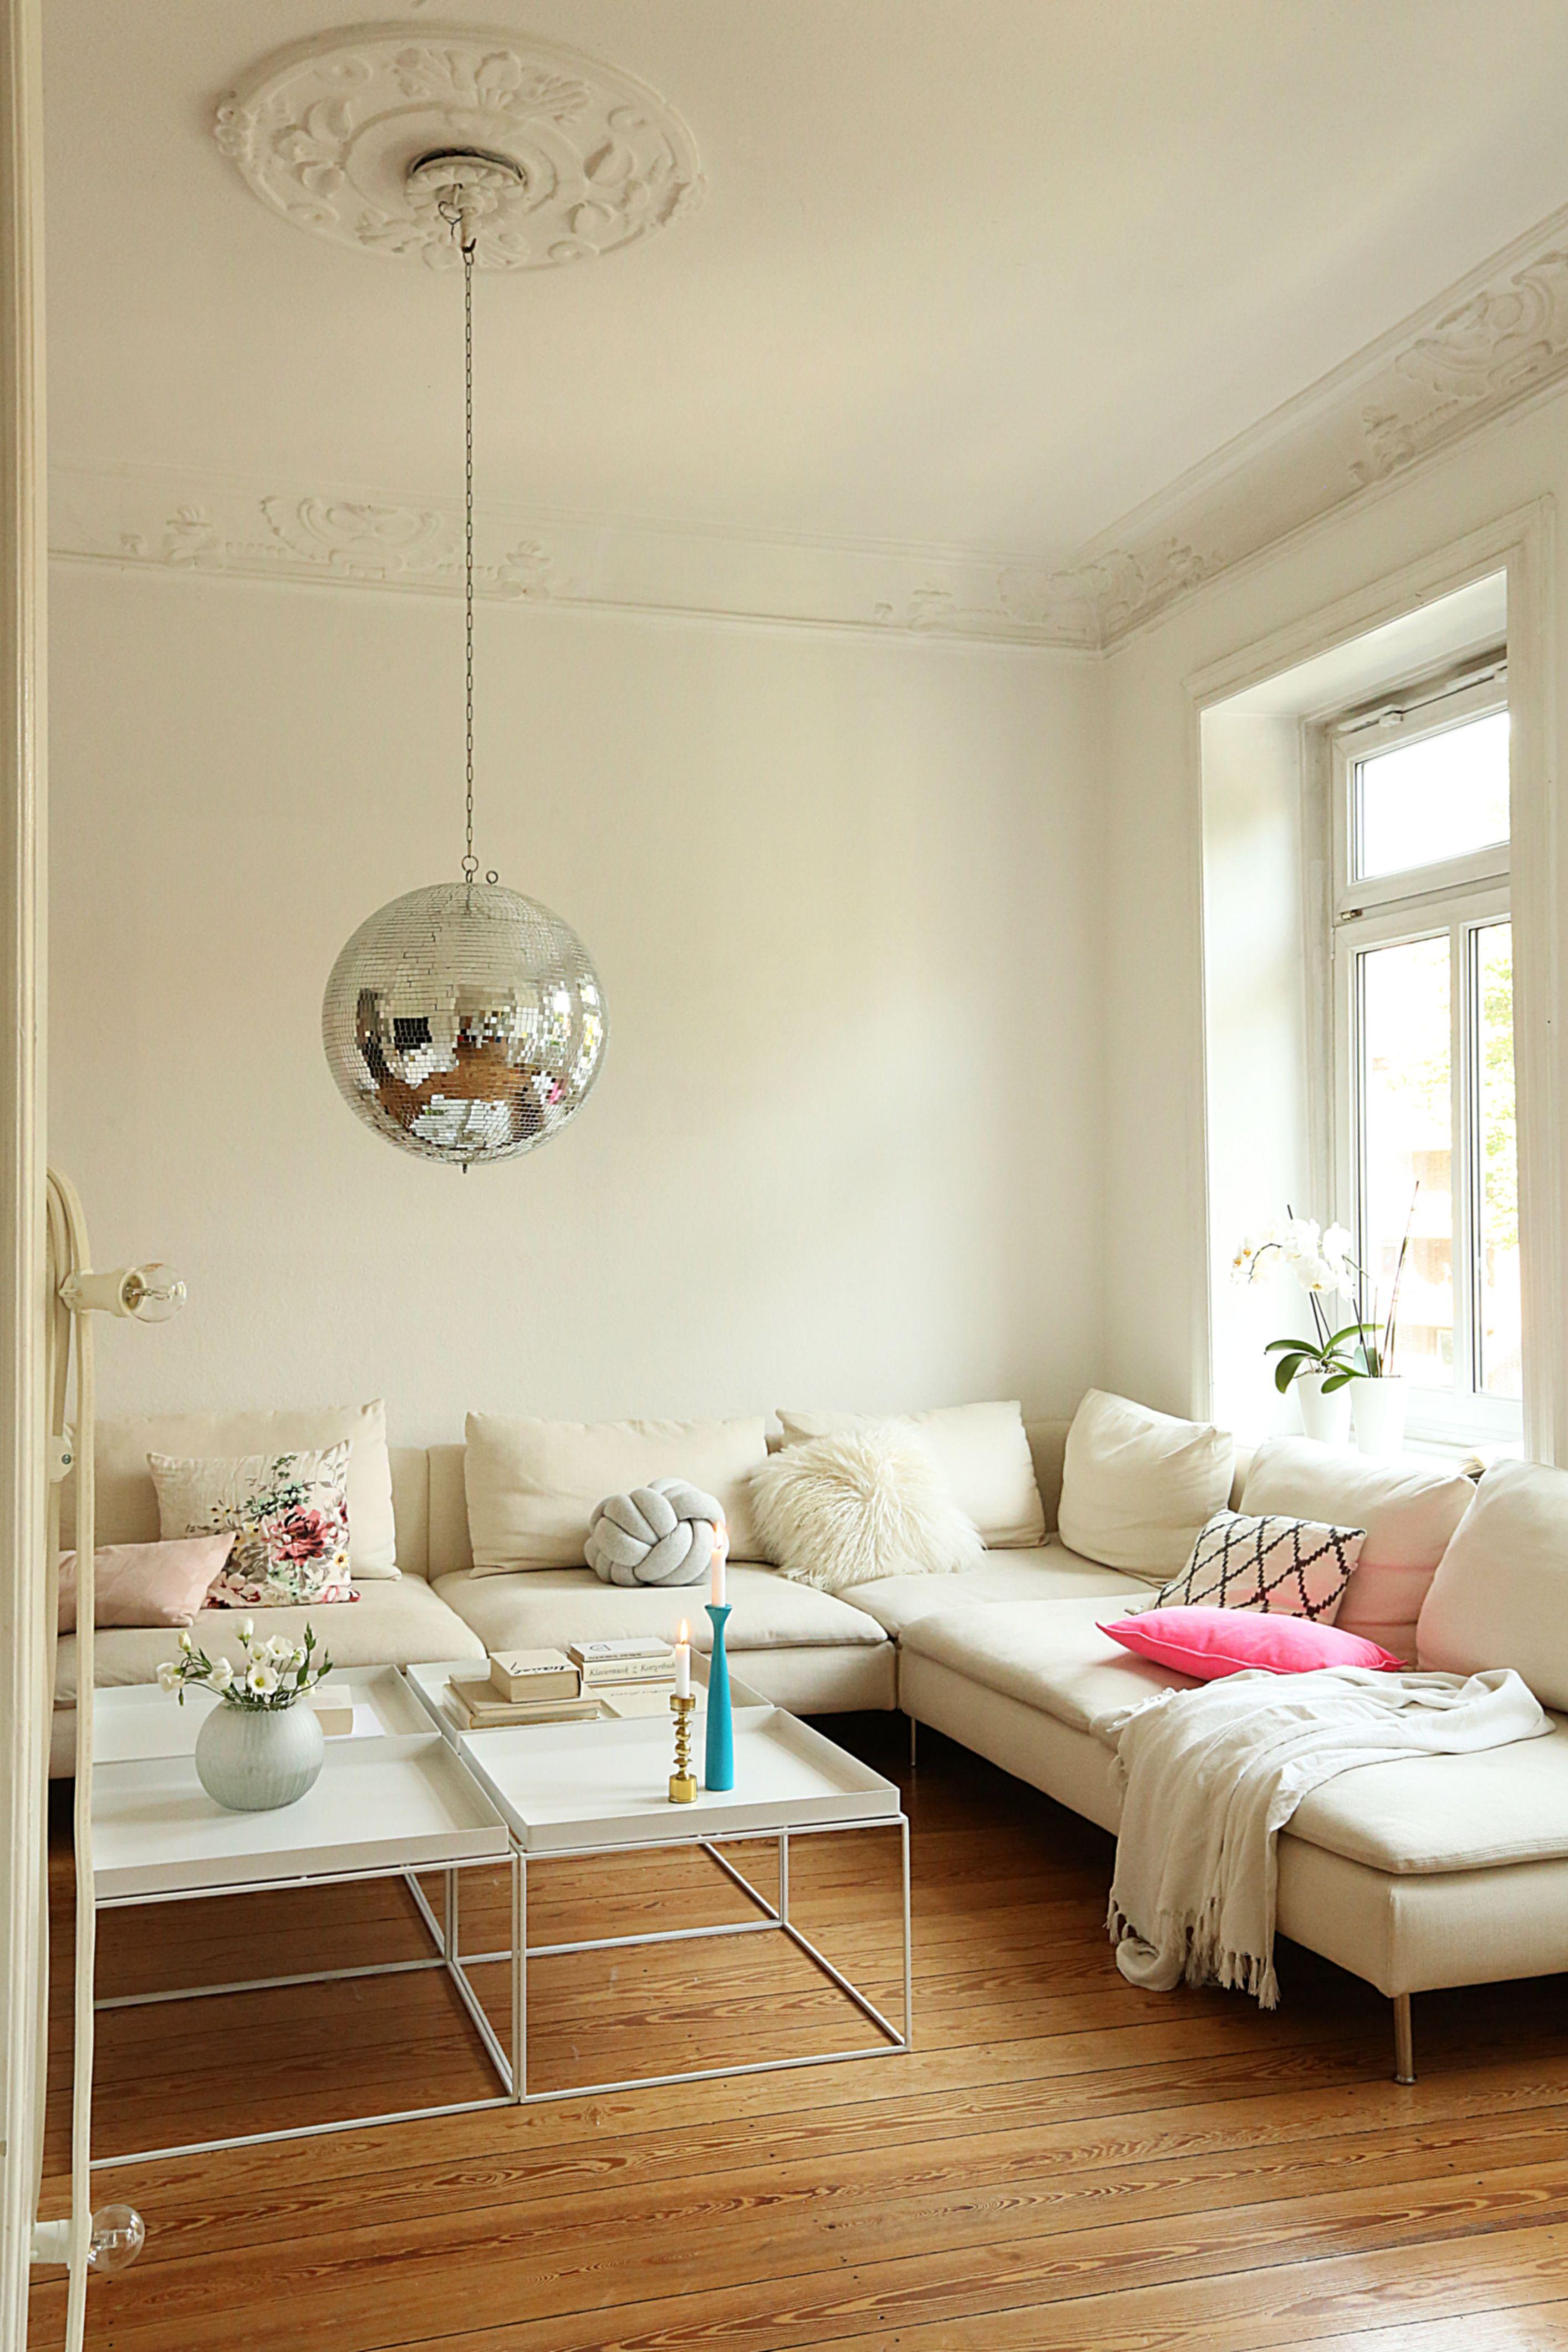 Neon, Altbau, Wohnzimmer, Livingroom, Wohnen, Einrichtung, Deko, Hay ...